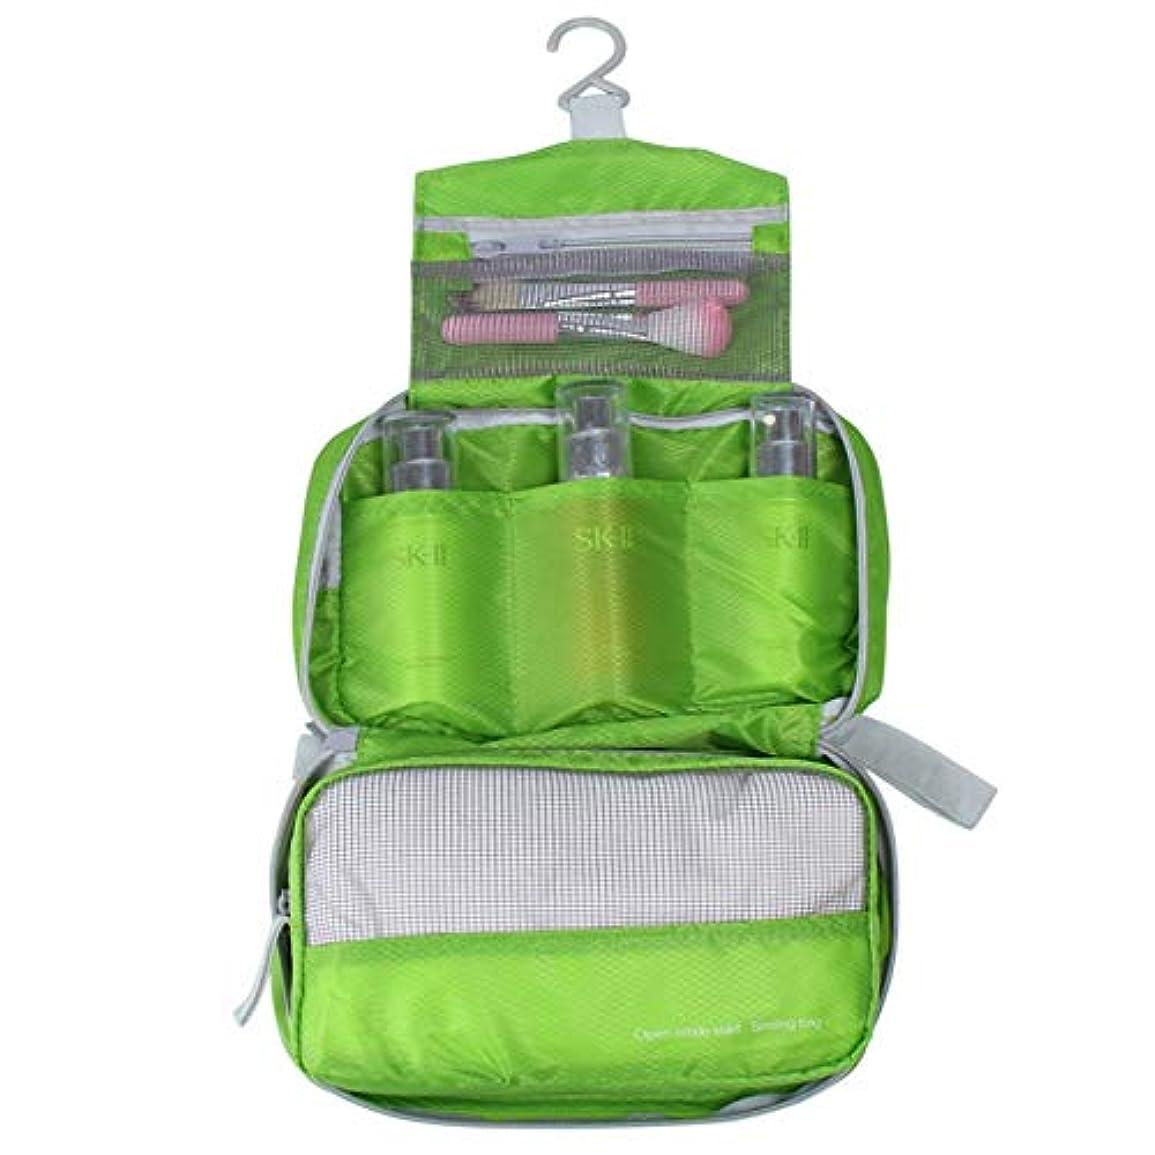 国プランテーションまぶしさ化粧オーガナイザーバッグ 化粧品のバッグは、防水、ハンガー、旅行メッシュとジップコンパートメントのウォッシュバッグです。 化粧品ケース (色 : 緑)